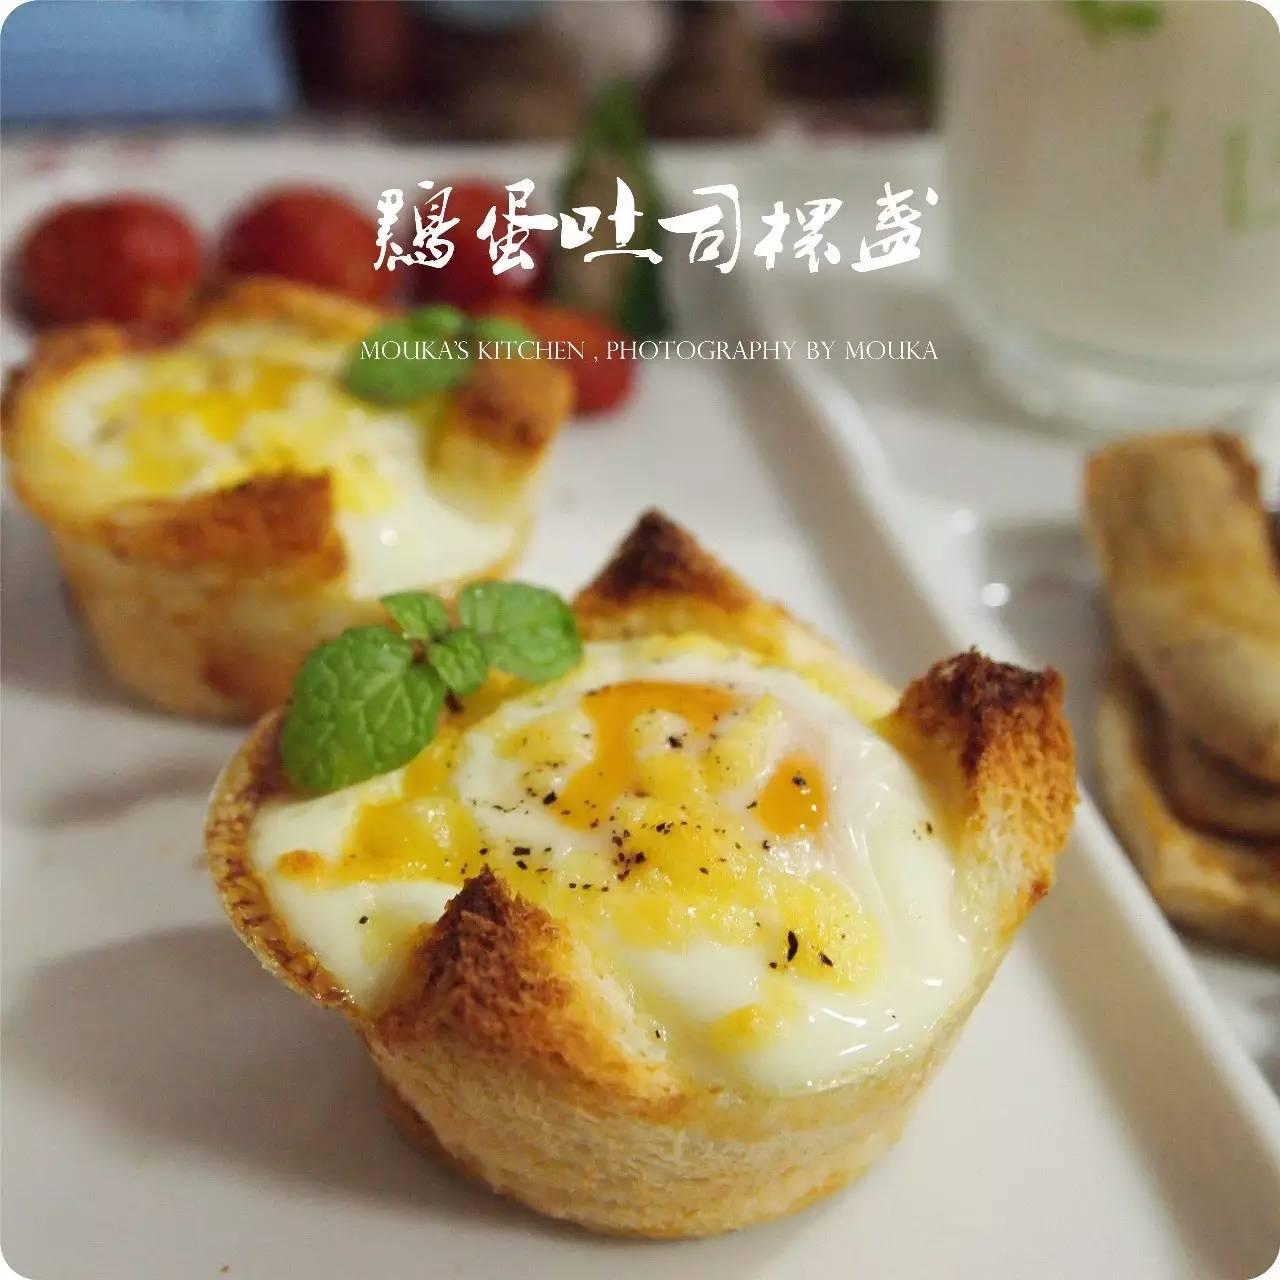 吐司加鸡蛋,早餐老搭档的7种新吃法